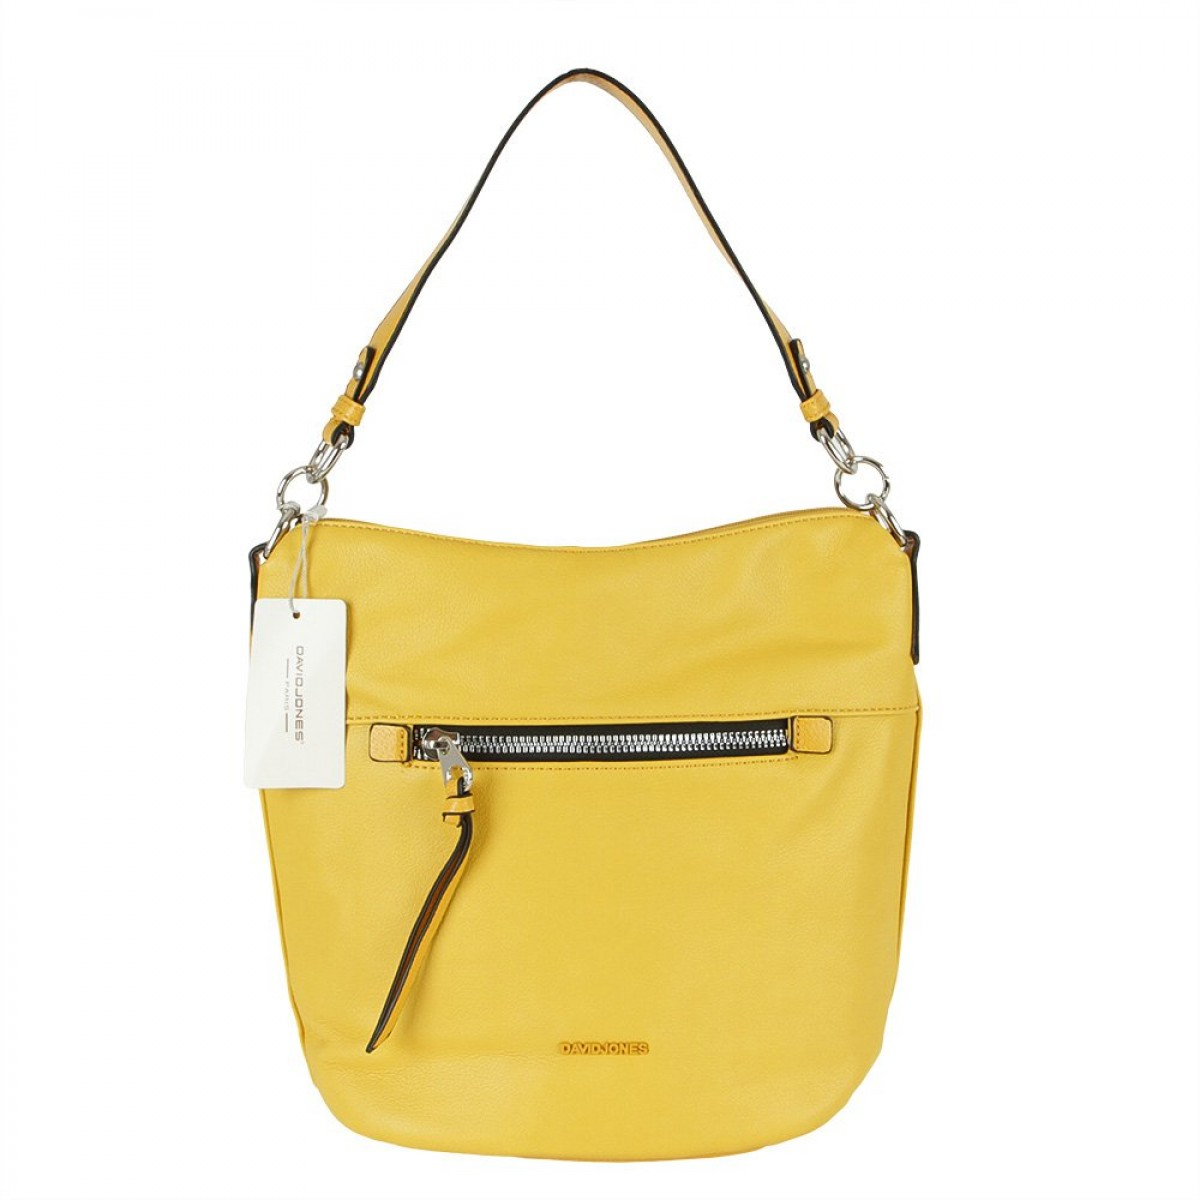 Жіноча сумка David Jones 6296-1 YELLOW